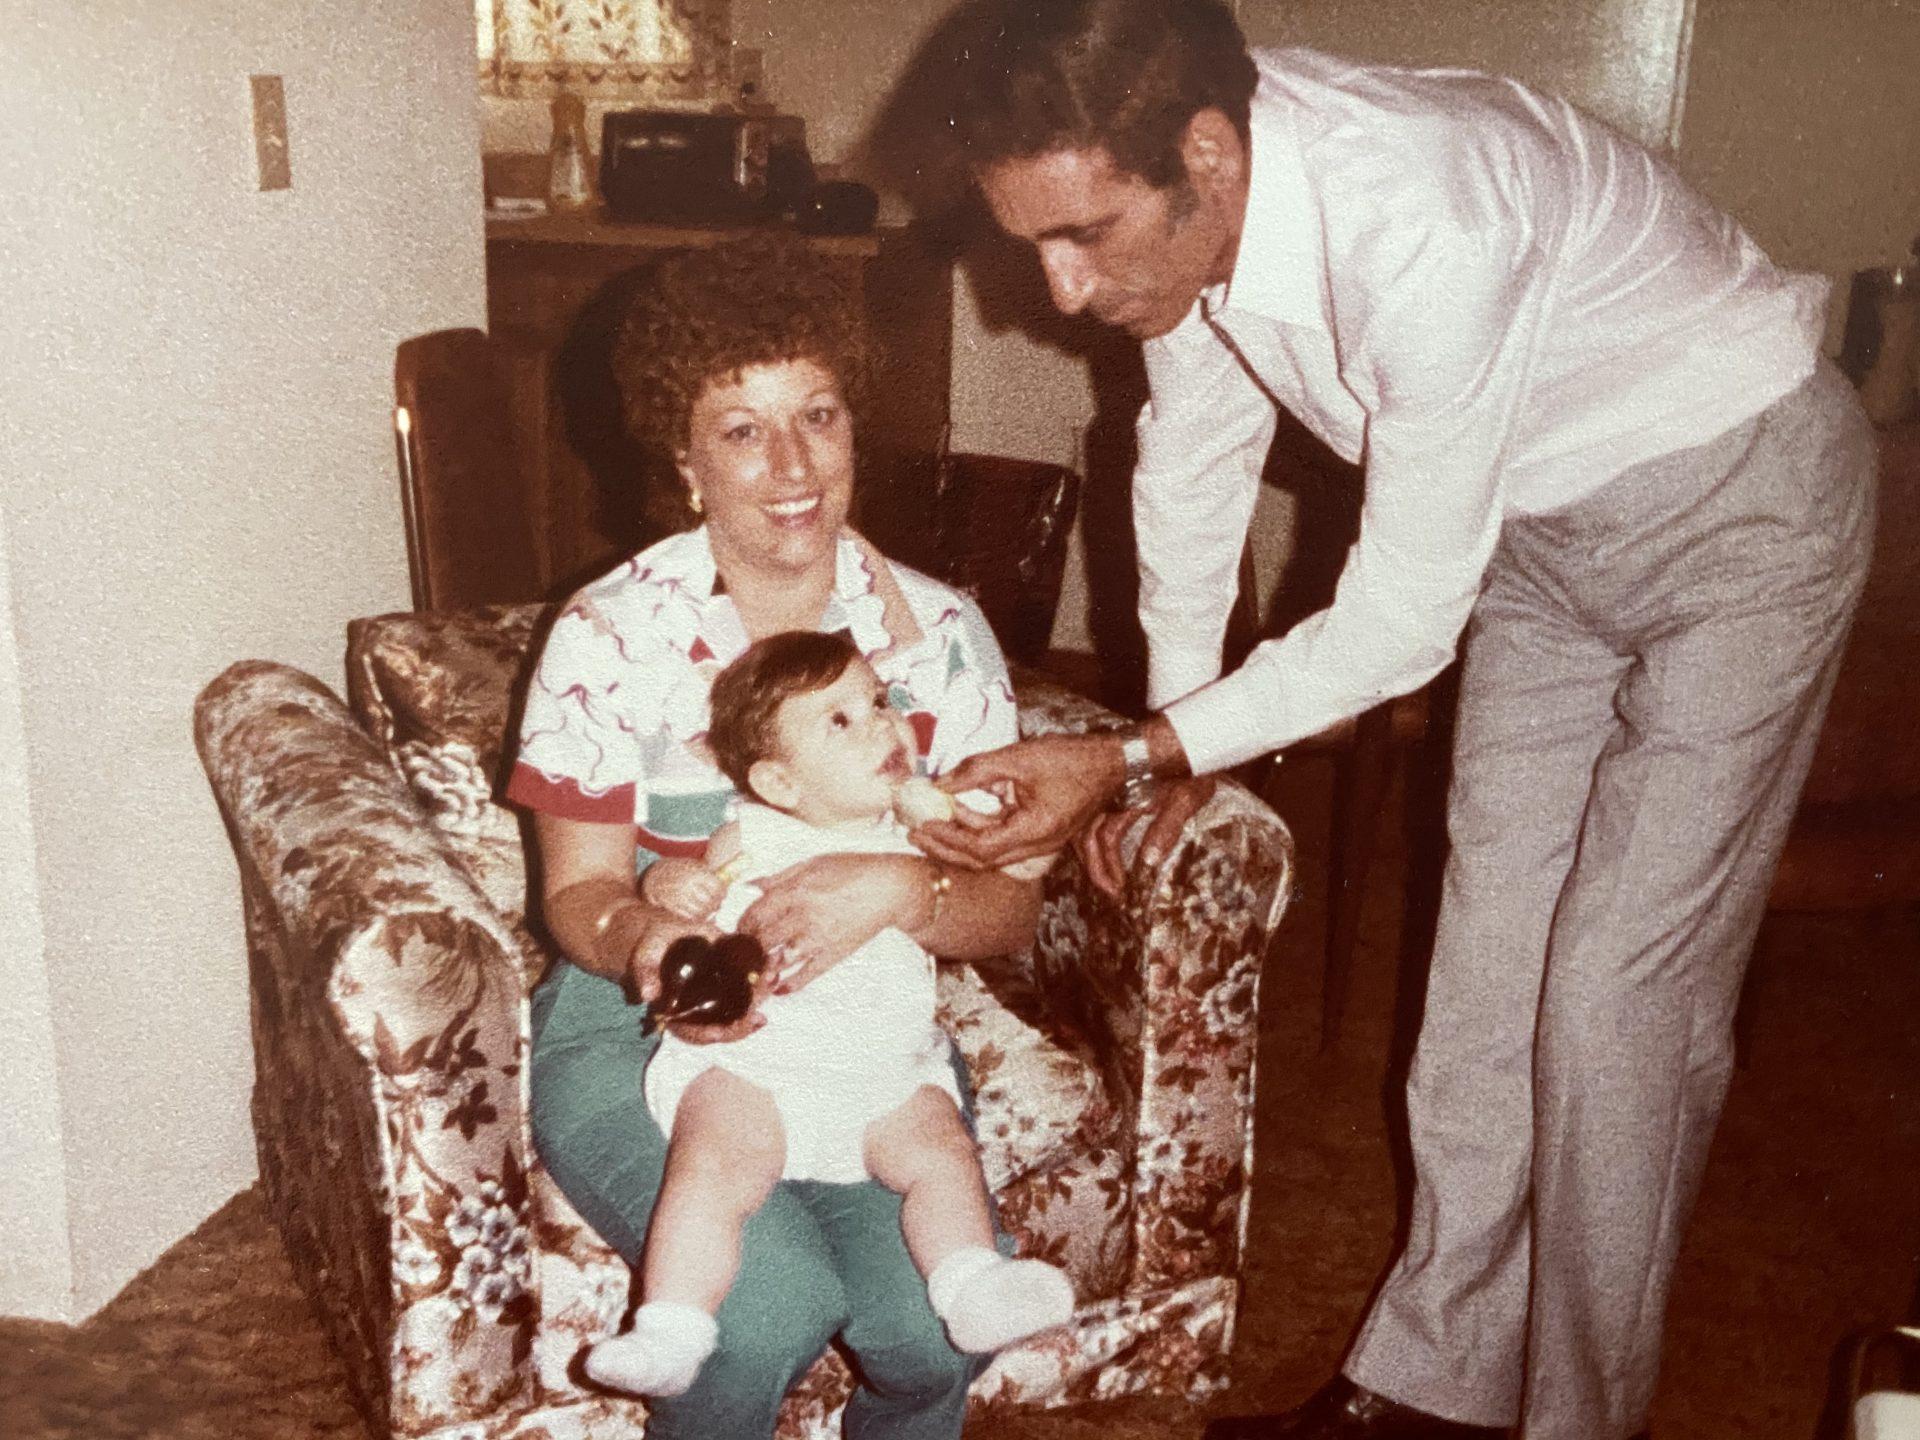 Nonno,  Nonna and Tricia